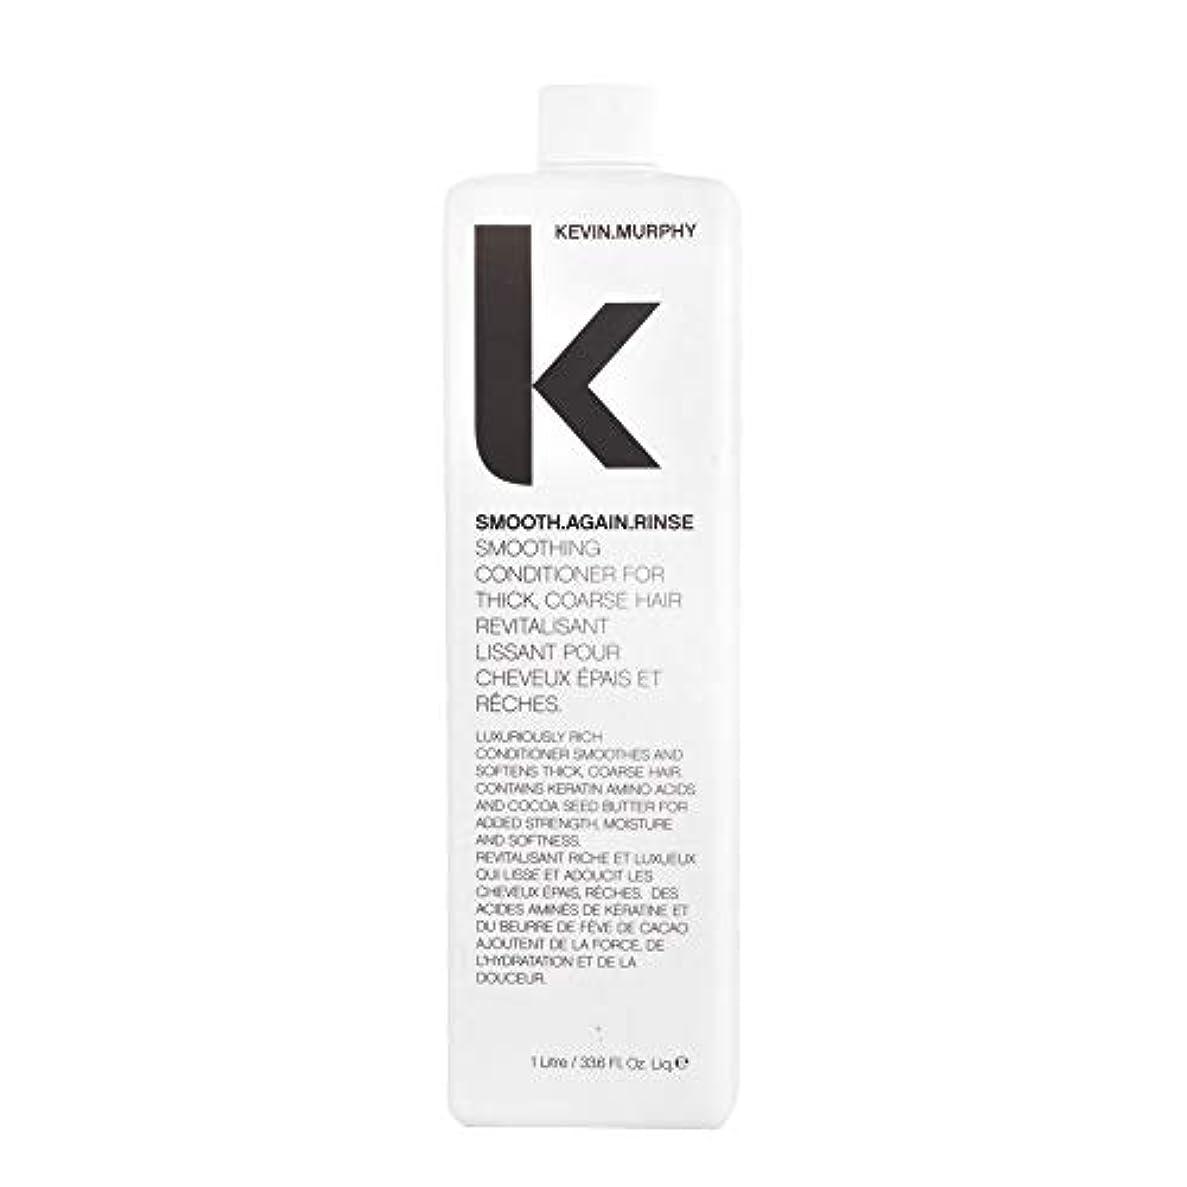 ハドル記憶に残る自体ケヴィン マーフィー Smooth.Again.Rinse (Smoothing Conditioner - For Thick, Coarse Hair) 1000ml/33.8oz並行輸入品